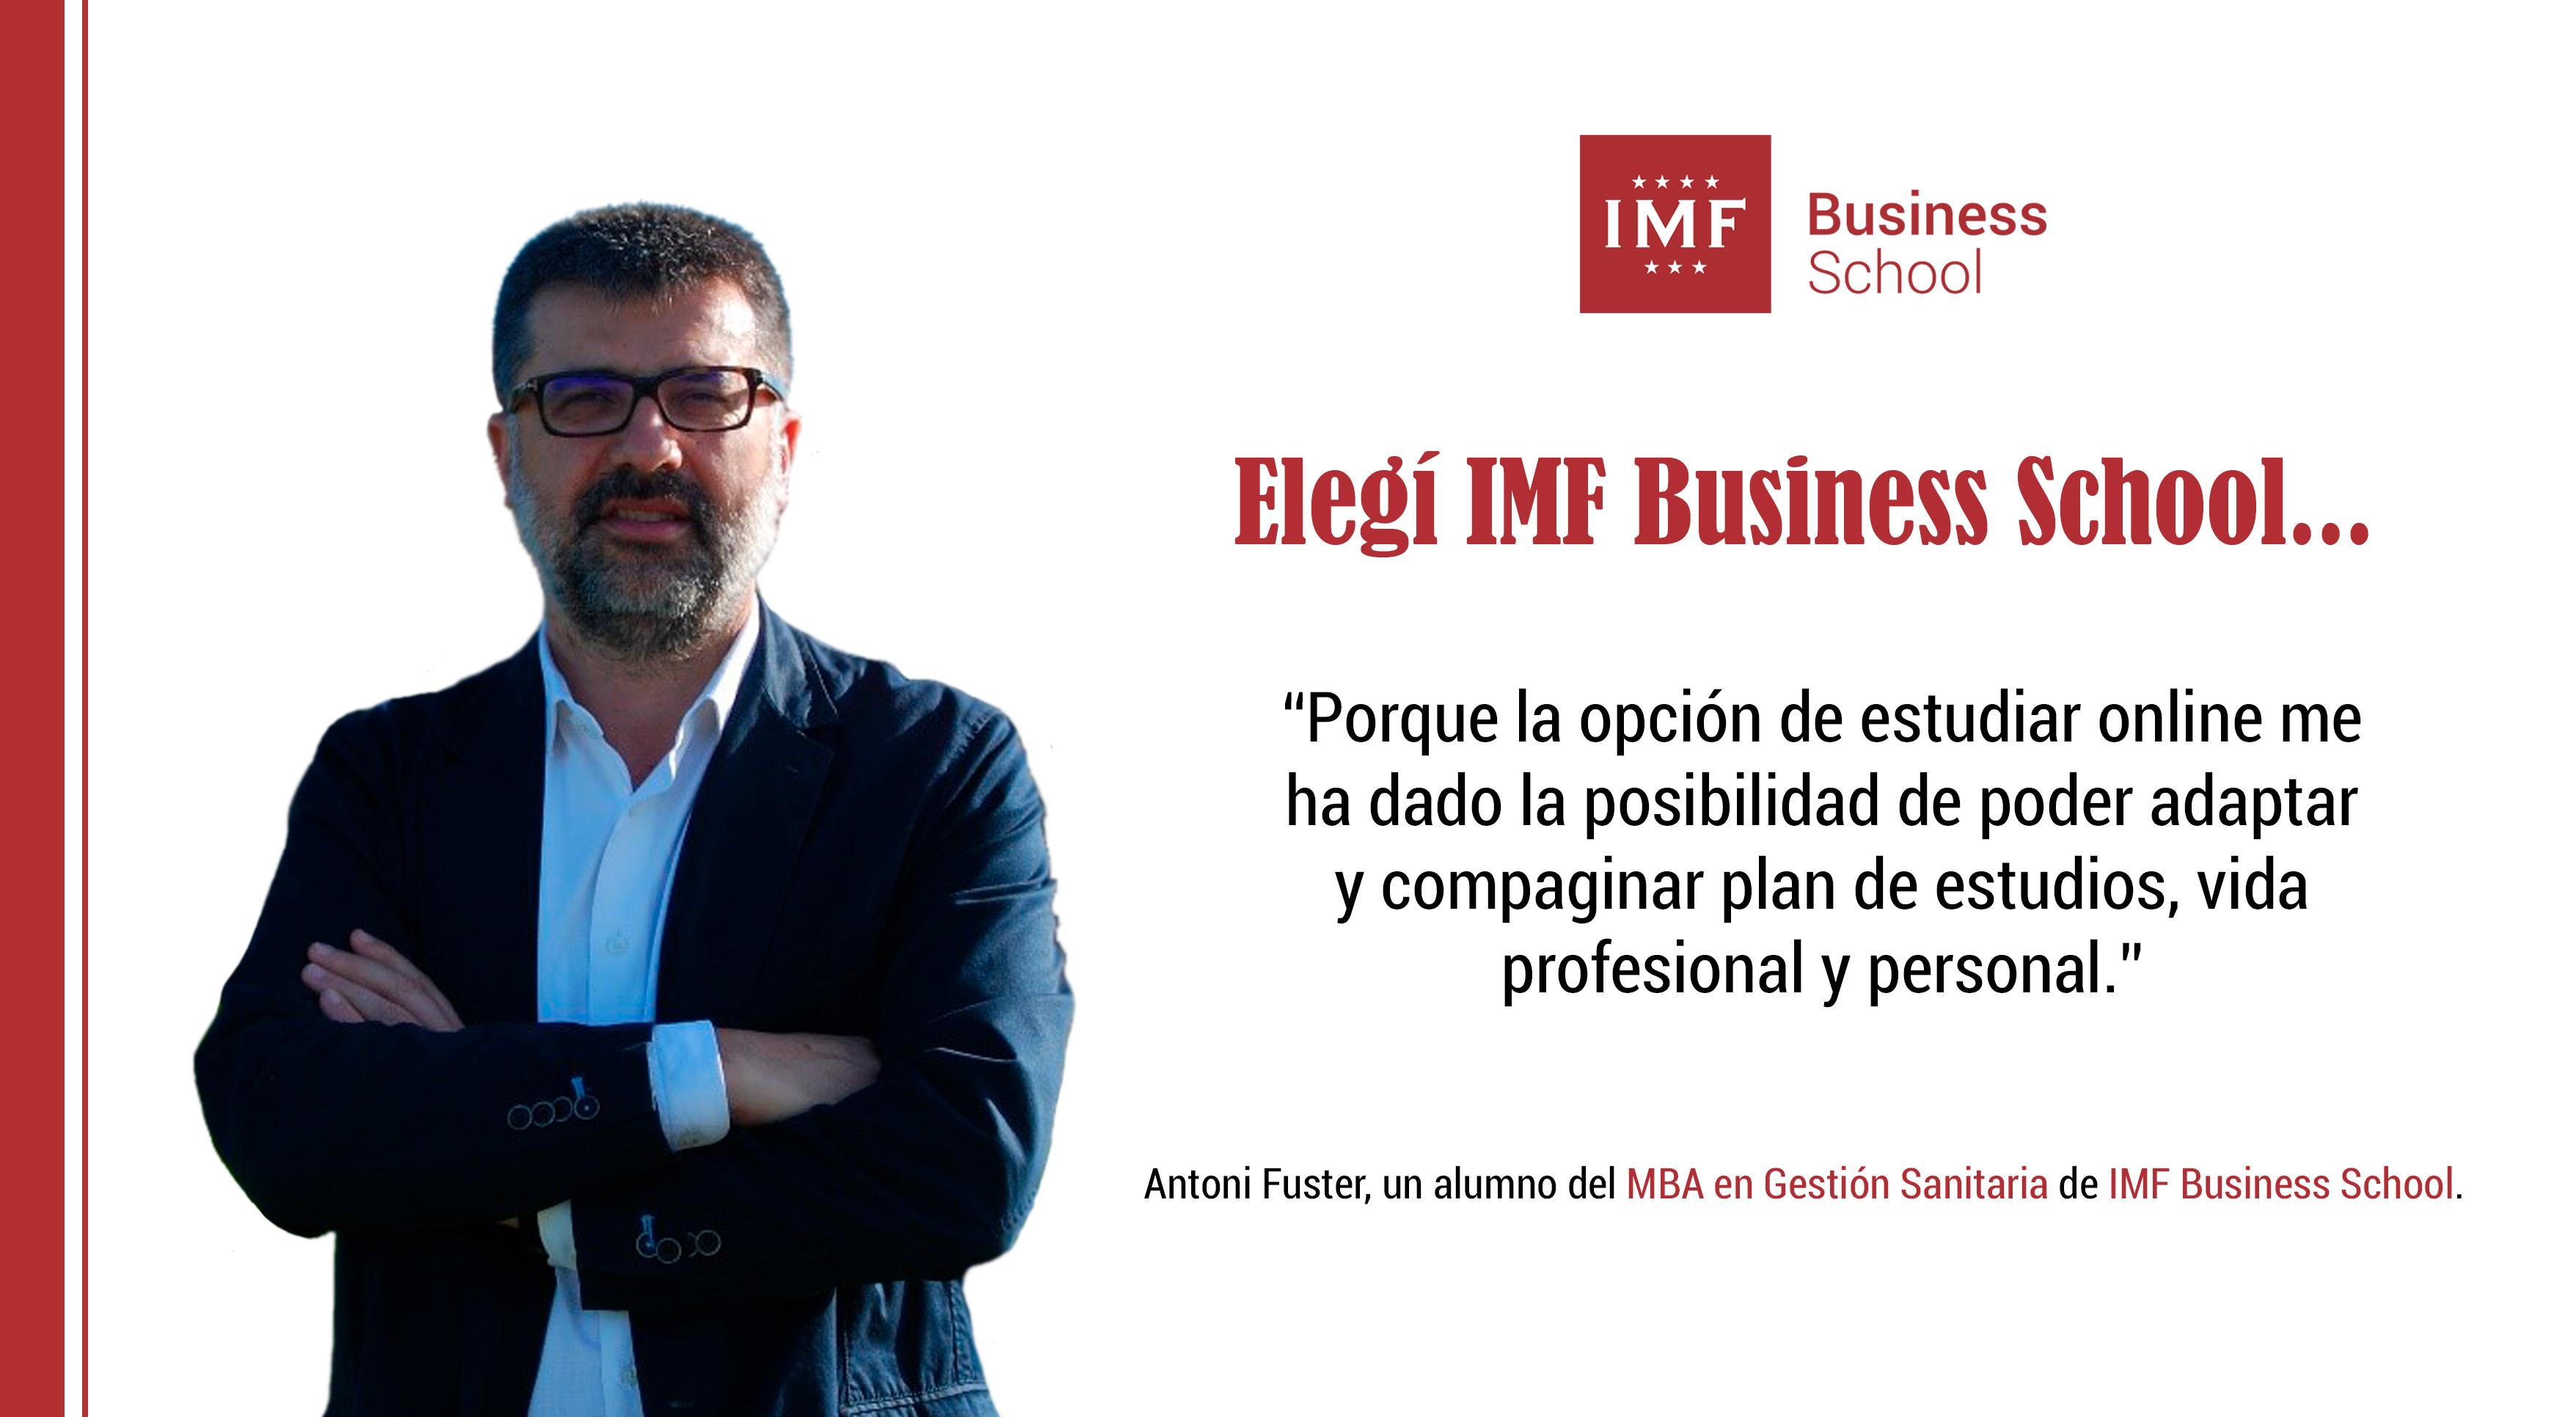 entrevista-antoni-fuster-mba-gestion-sanitaria Opinión Alumni: Antoni Fuster, alumno de MBA en Gestión Sanitaria